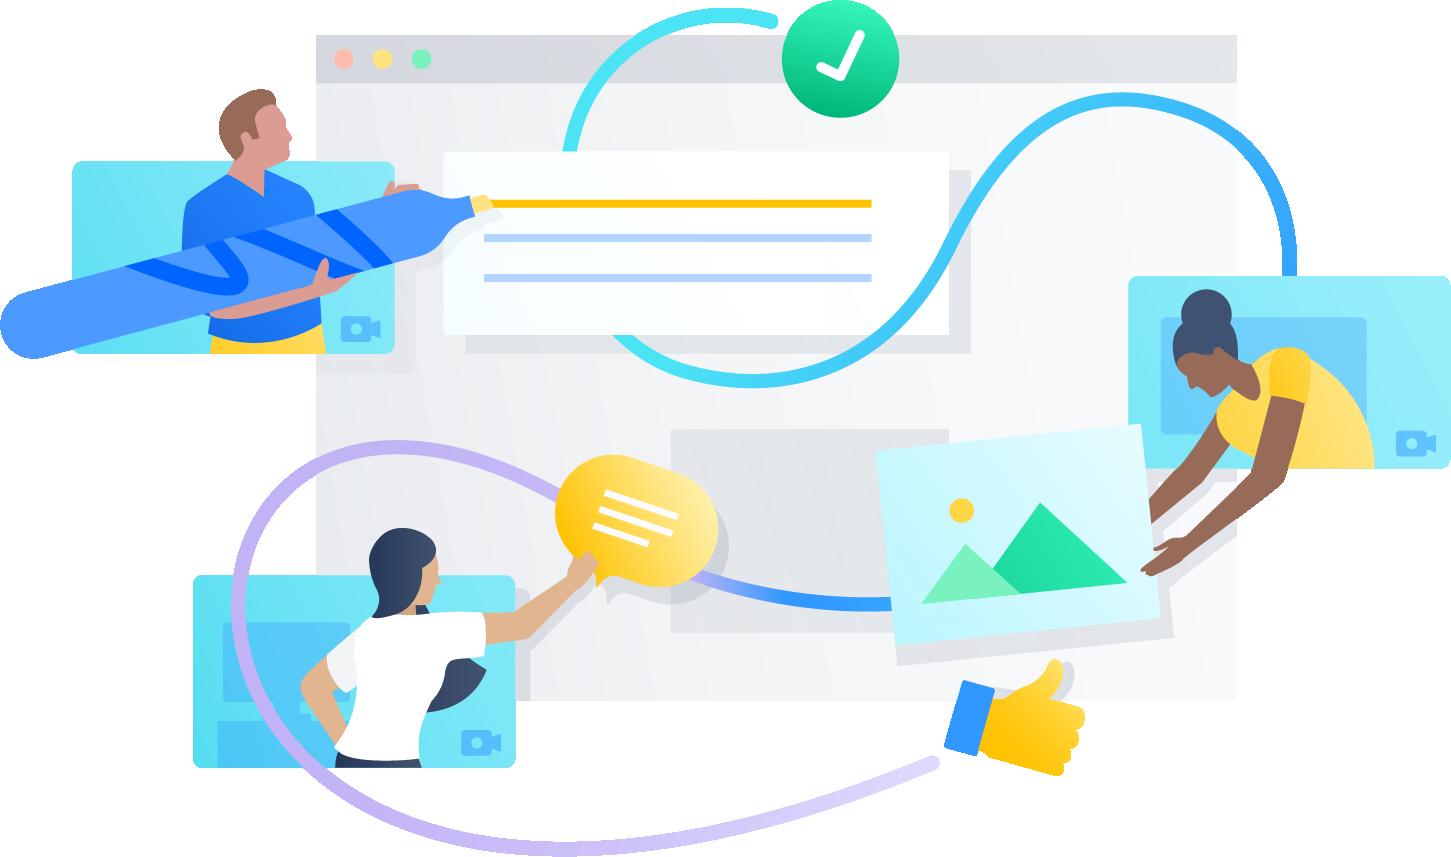 Ilustración de colaboración en proyectos